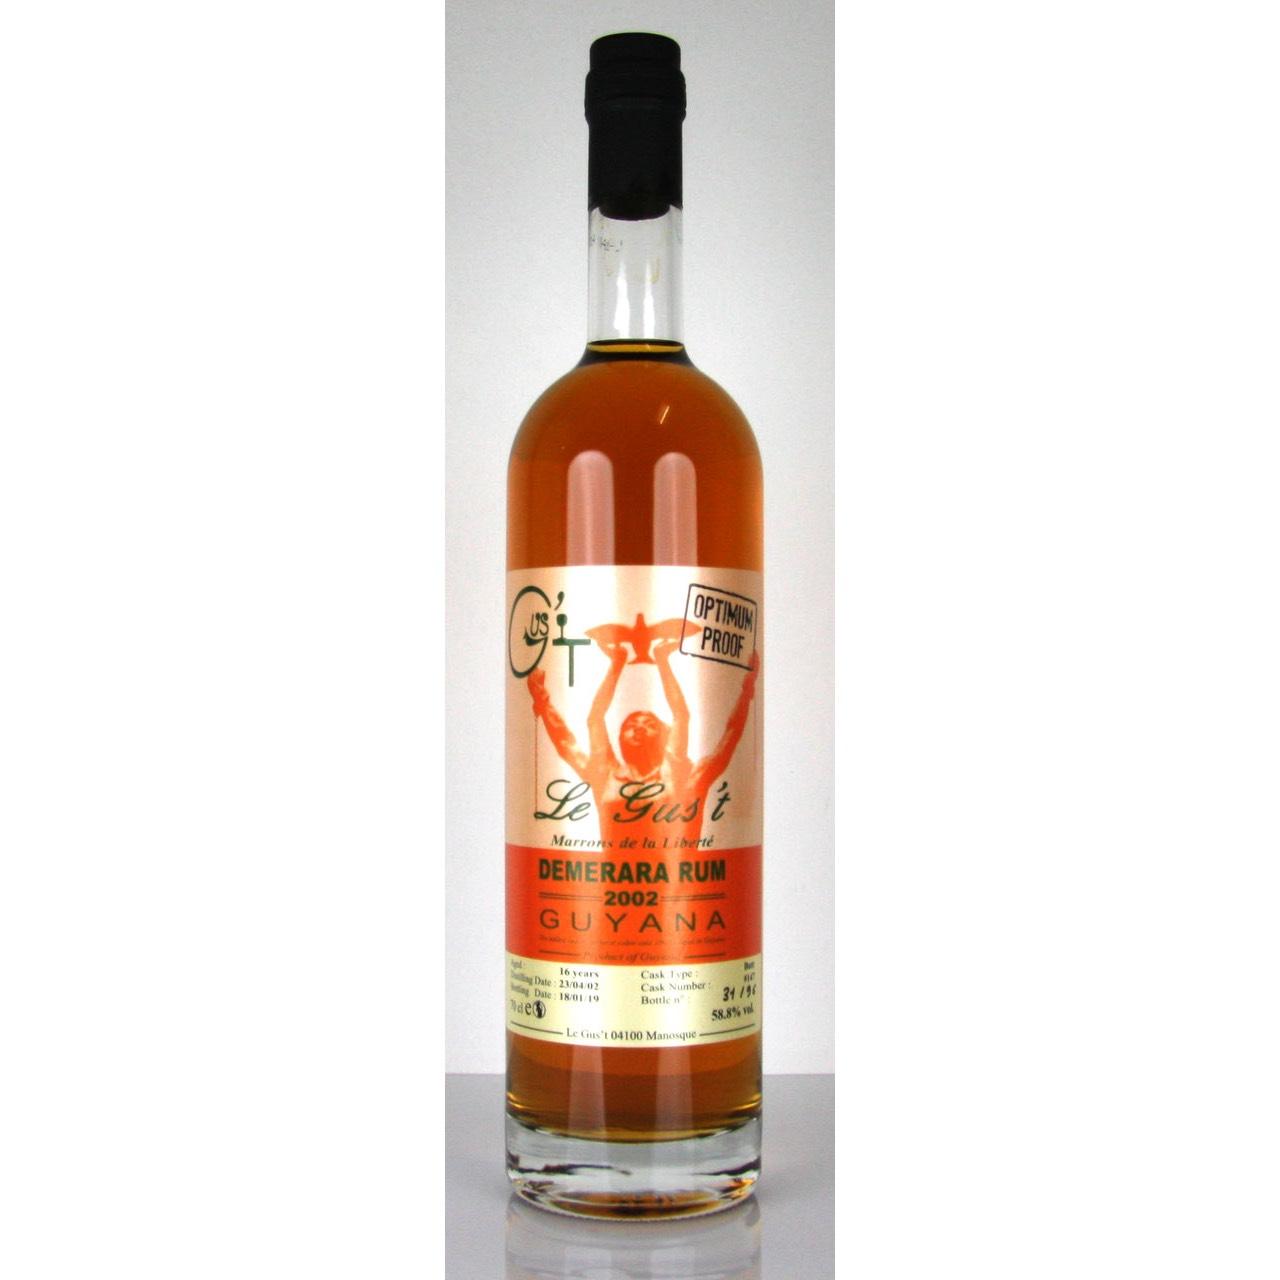 Bottle image of Marrons de la Liberté Optimum Proof